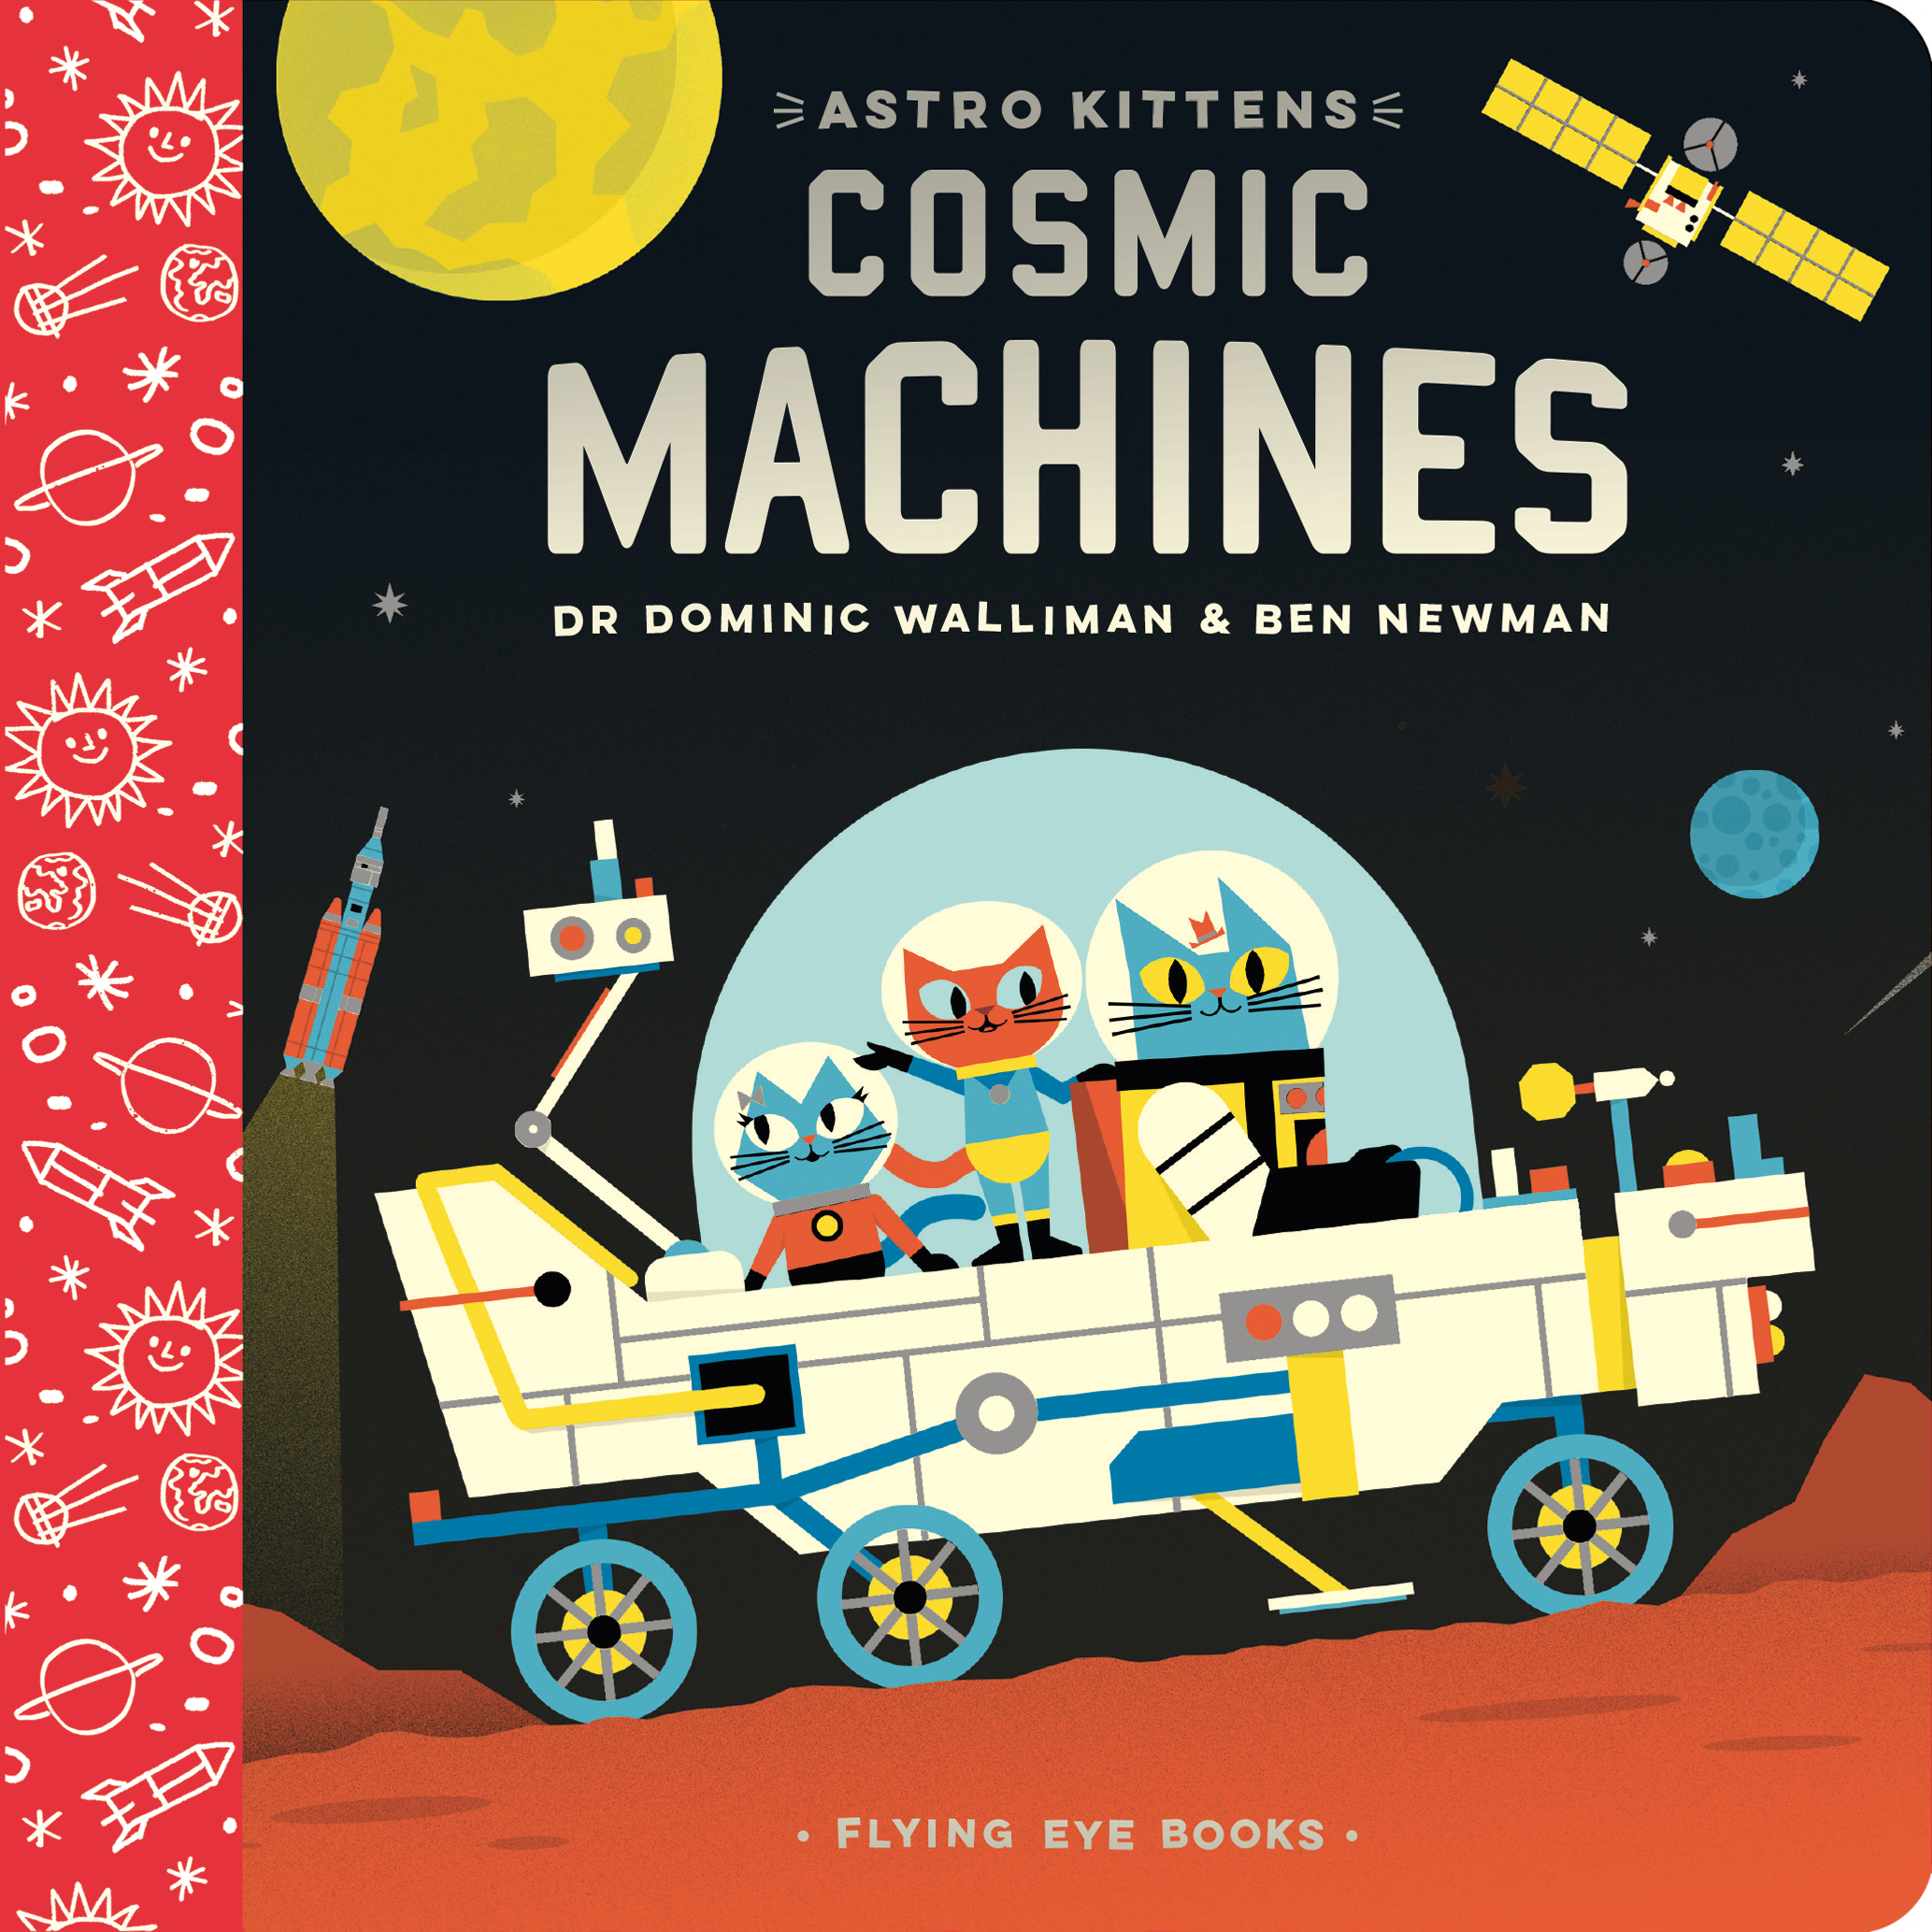 Astro Kittens: Cosmic Machines